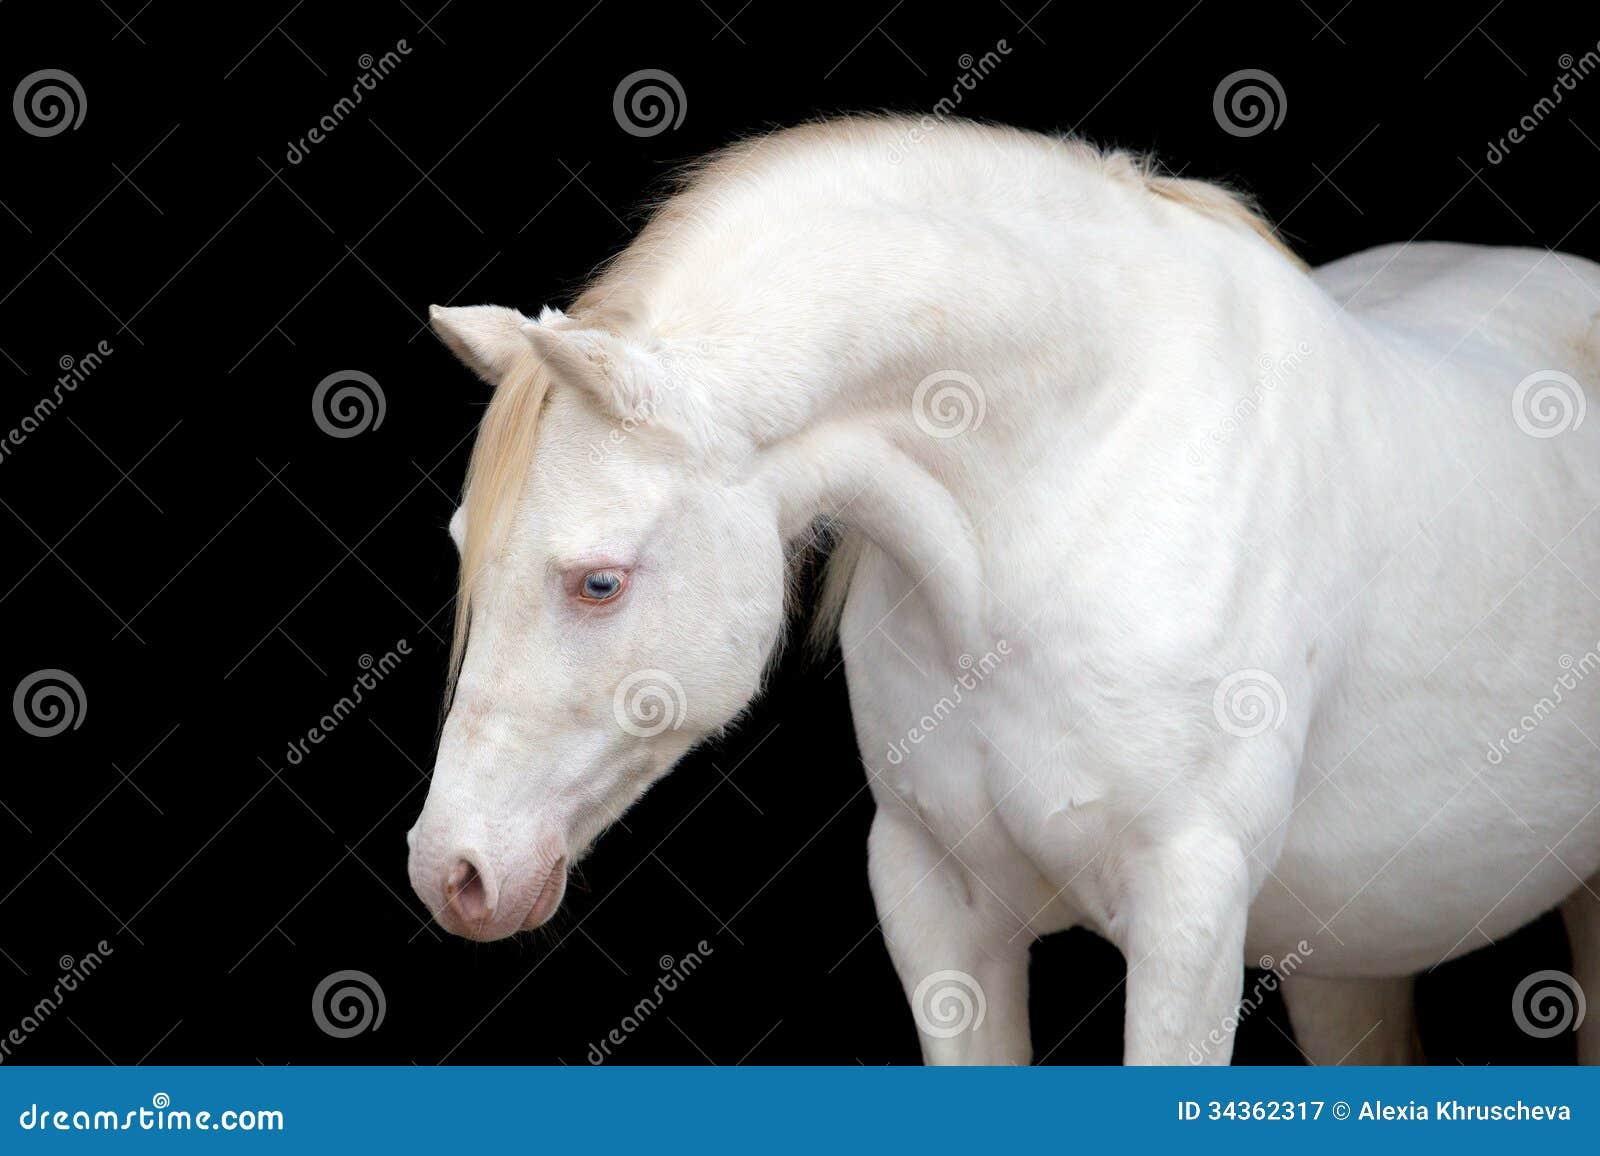 White Horse Isolated On Black Welsh Pony Stock Image